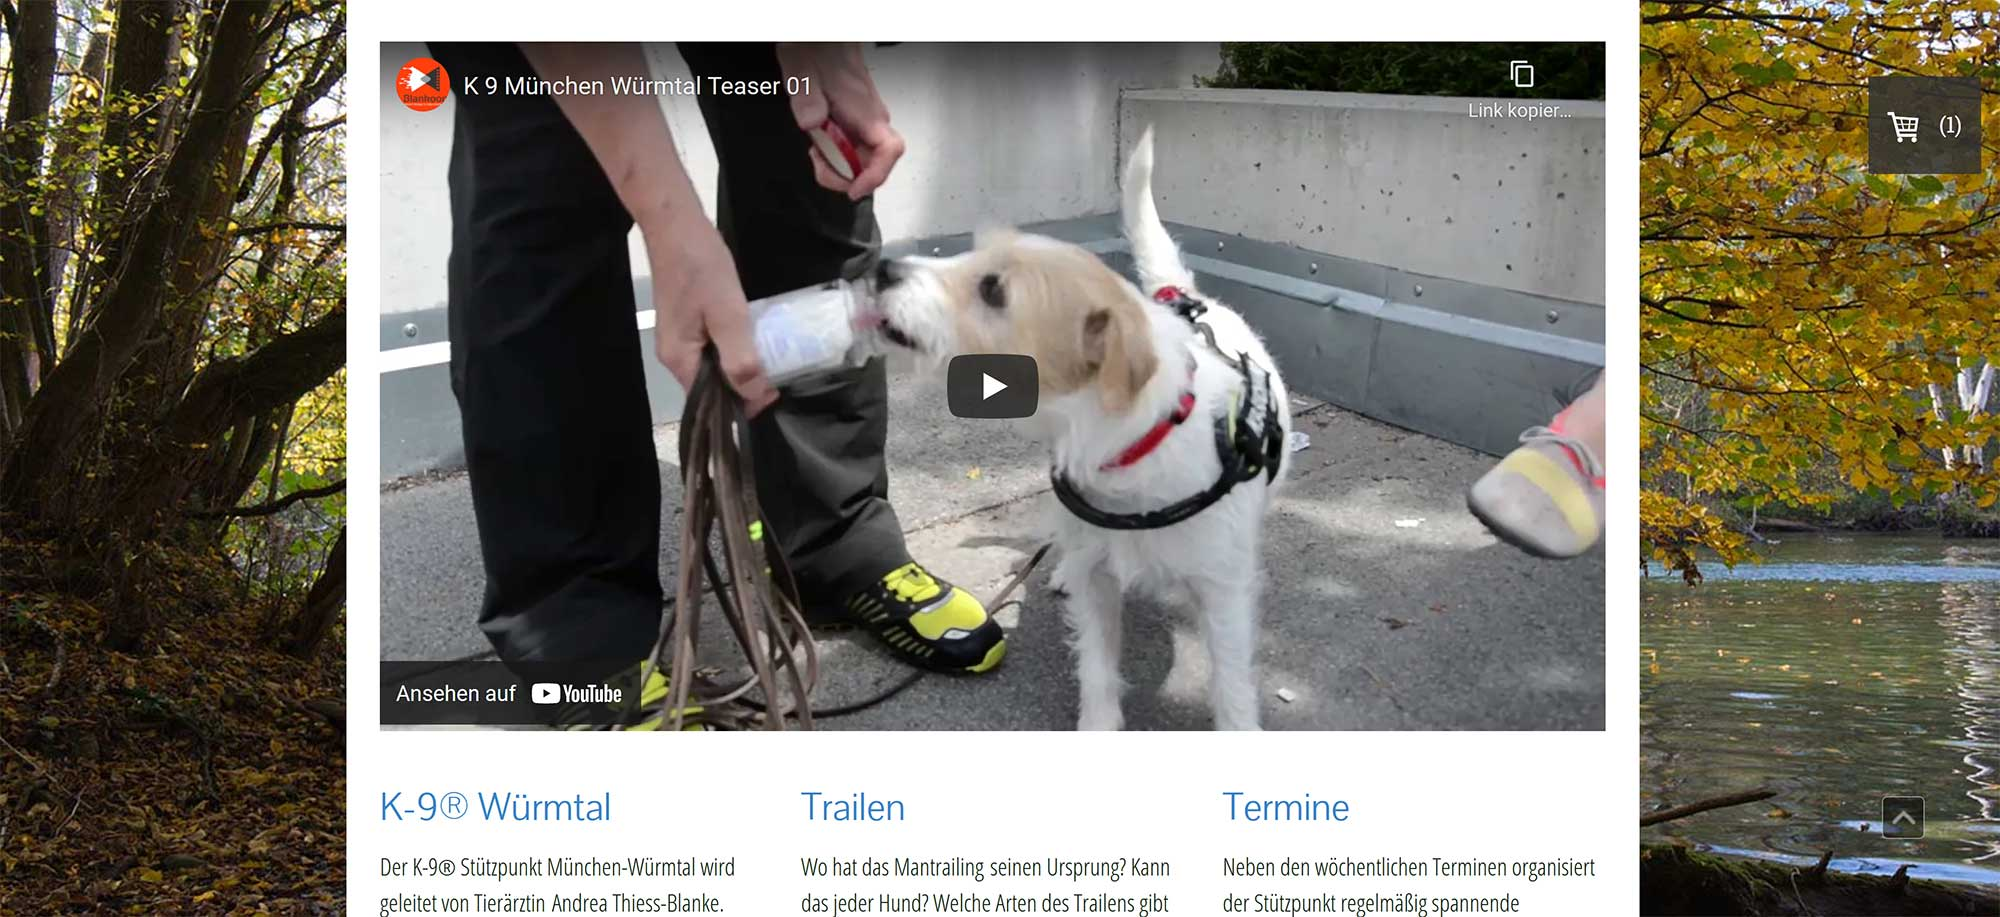 Suchhunde München Würmtal